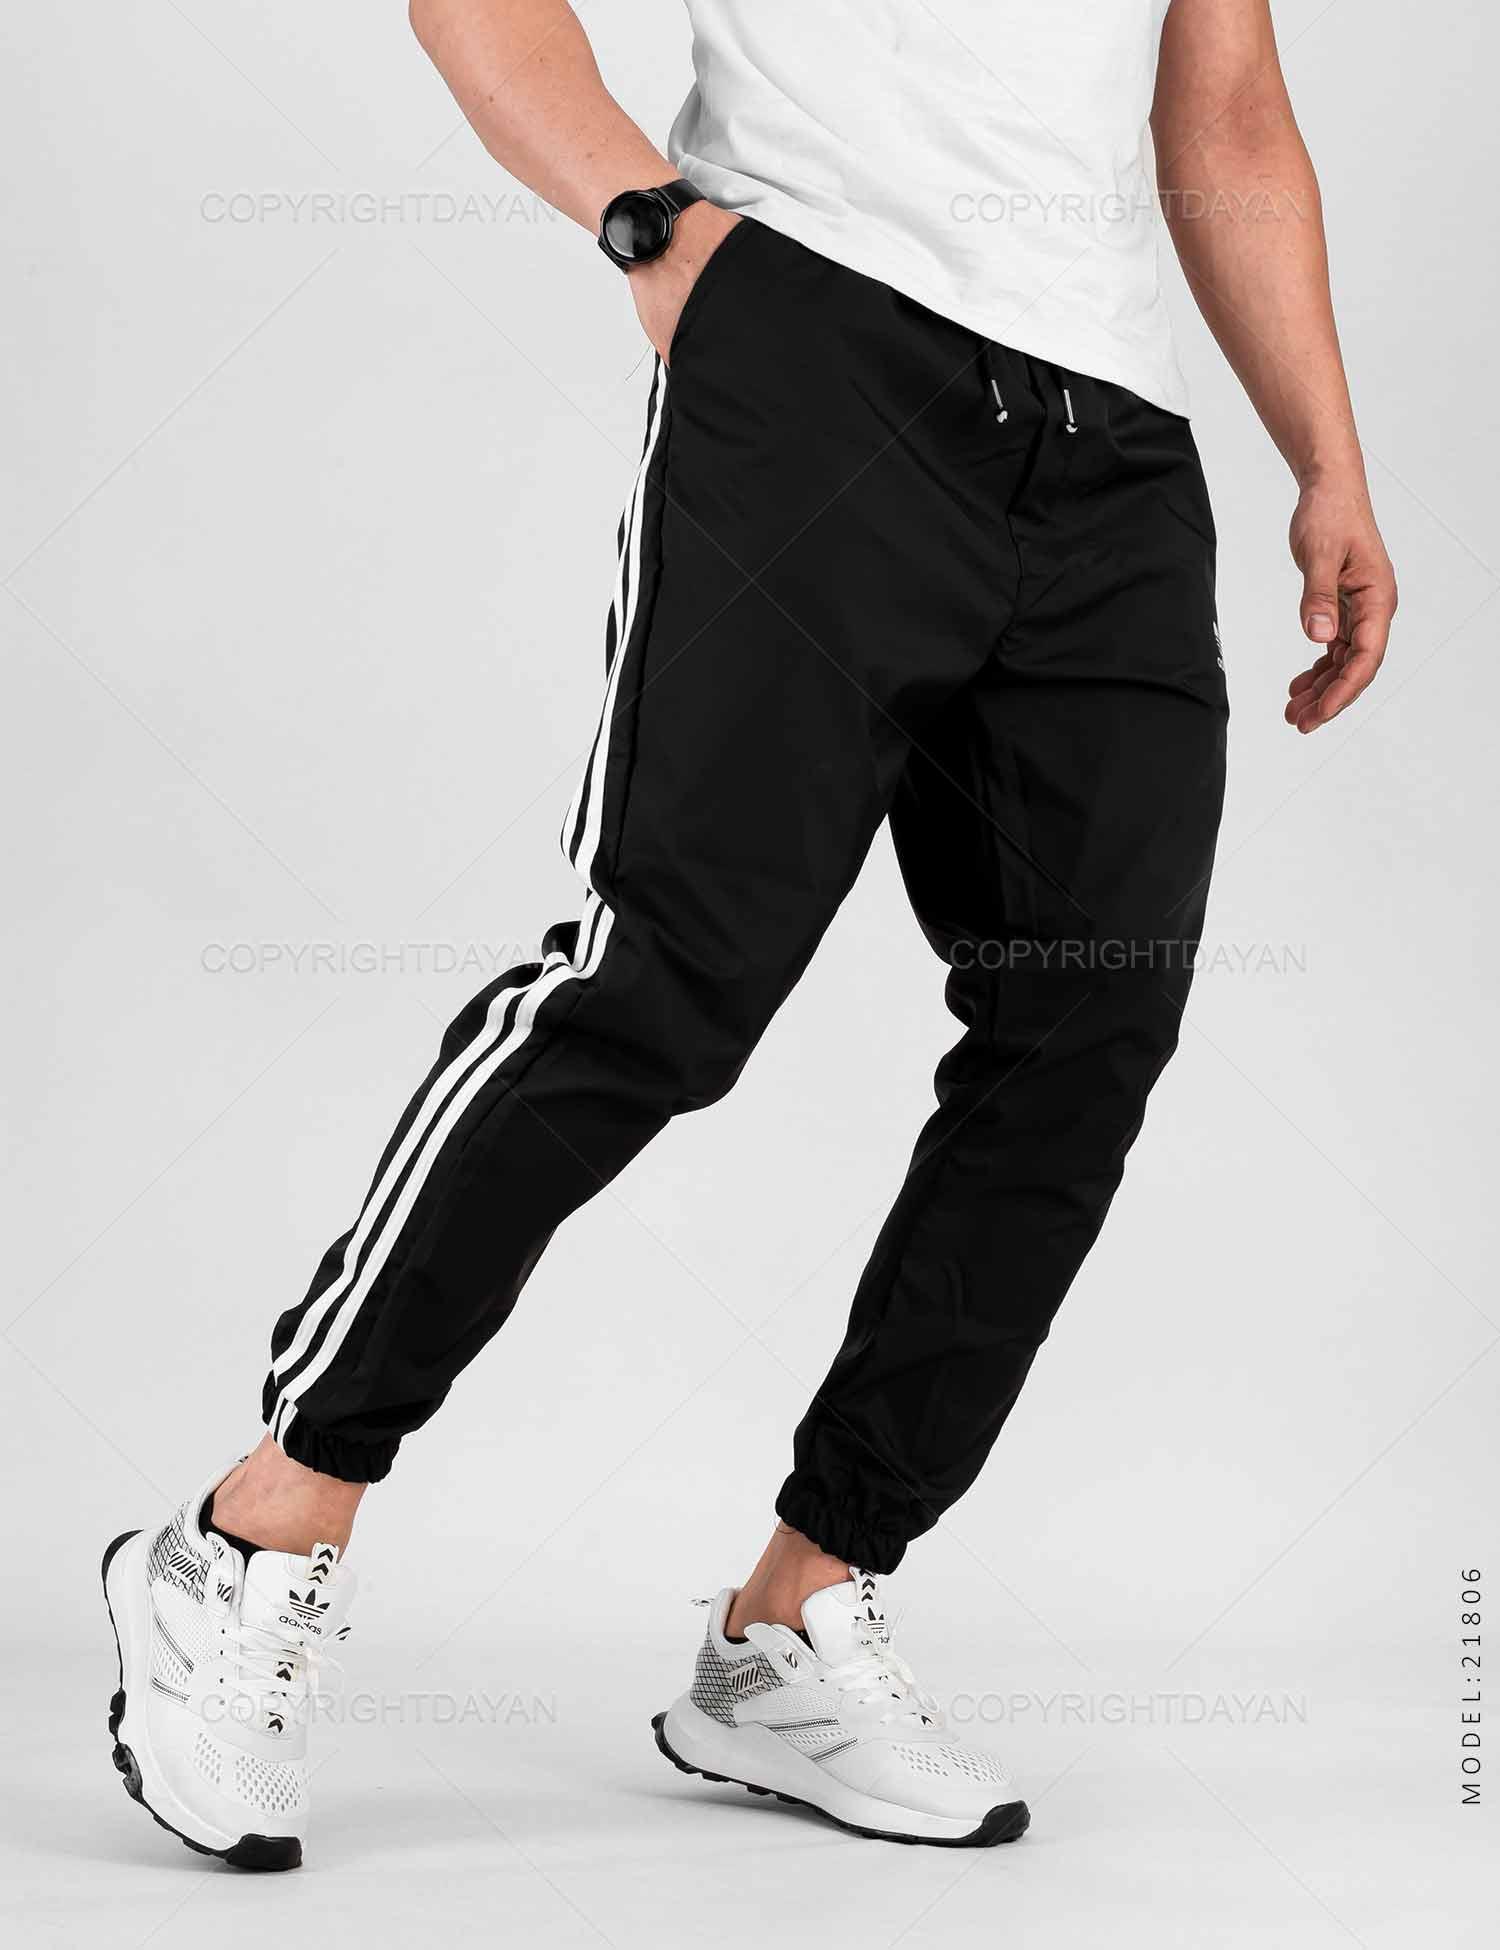 شلوار اسلش مردانه Adidas مدل 21806 شلوار اسلش مردانه Adidas مدل 21806 169,000 تومان